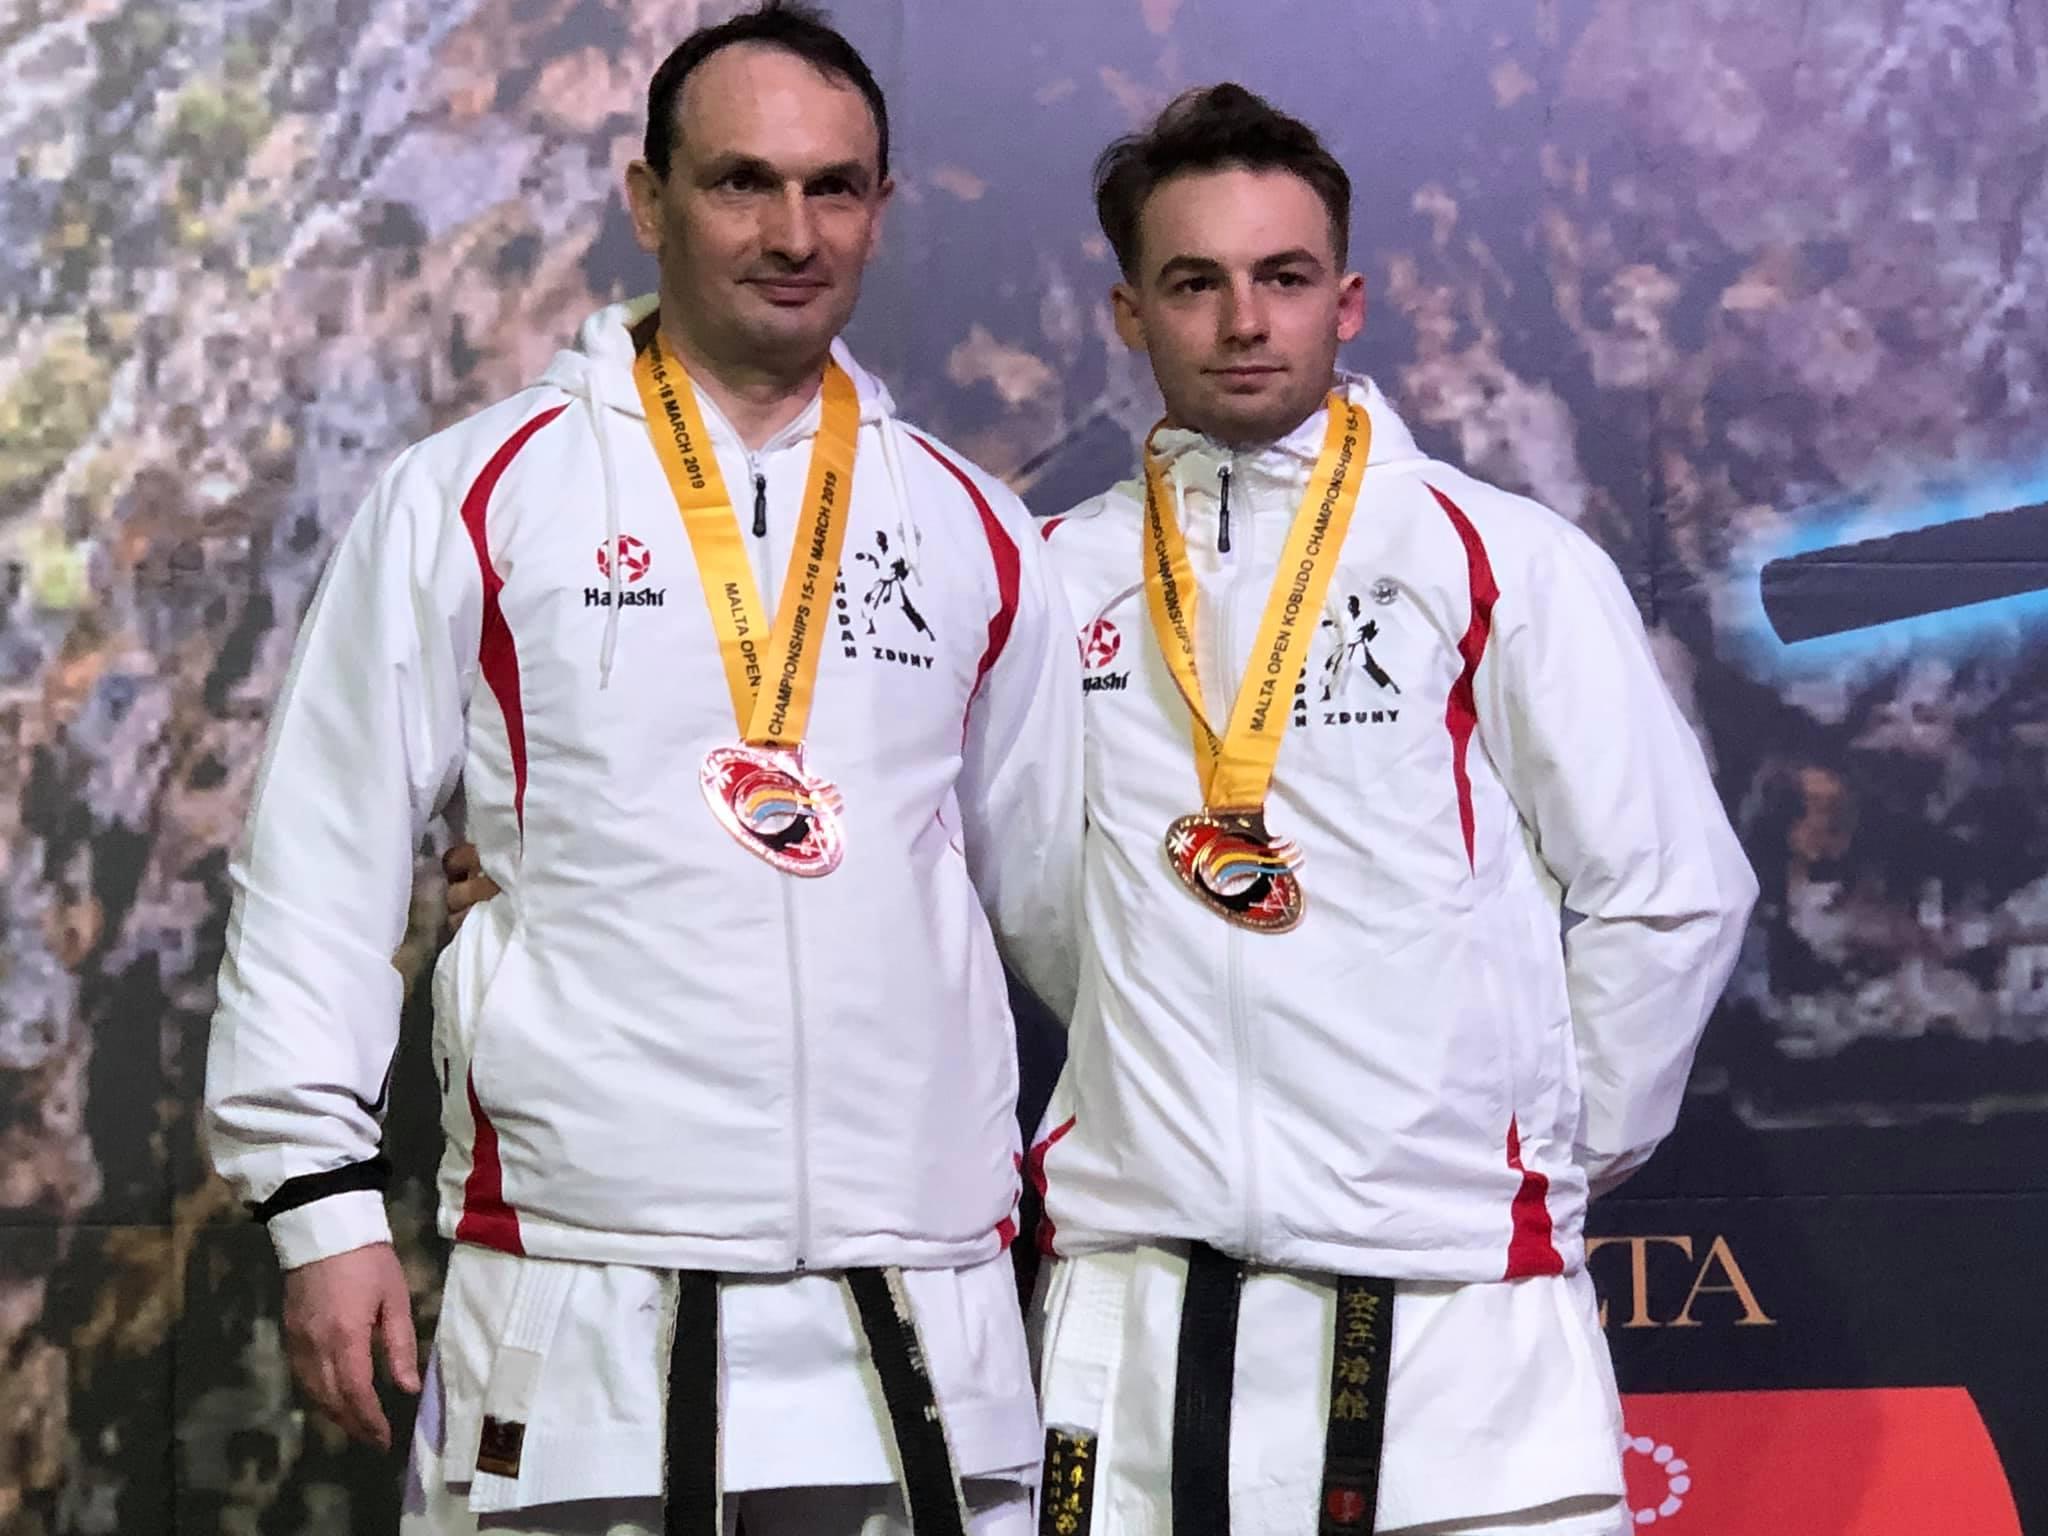 Malta Open 2019